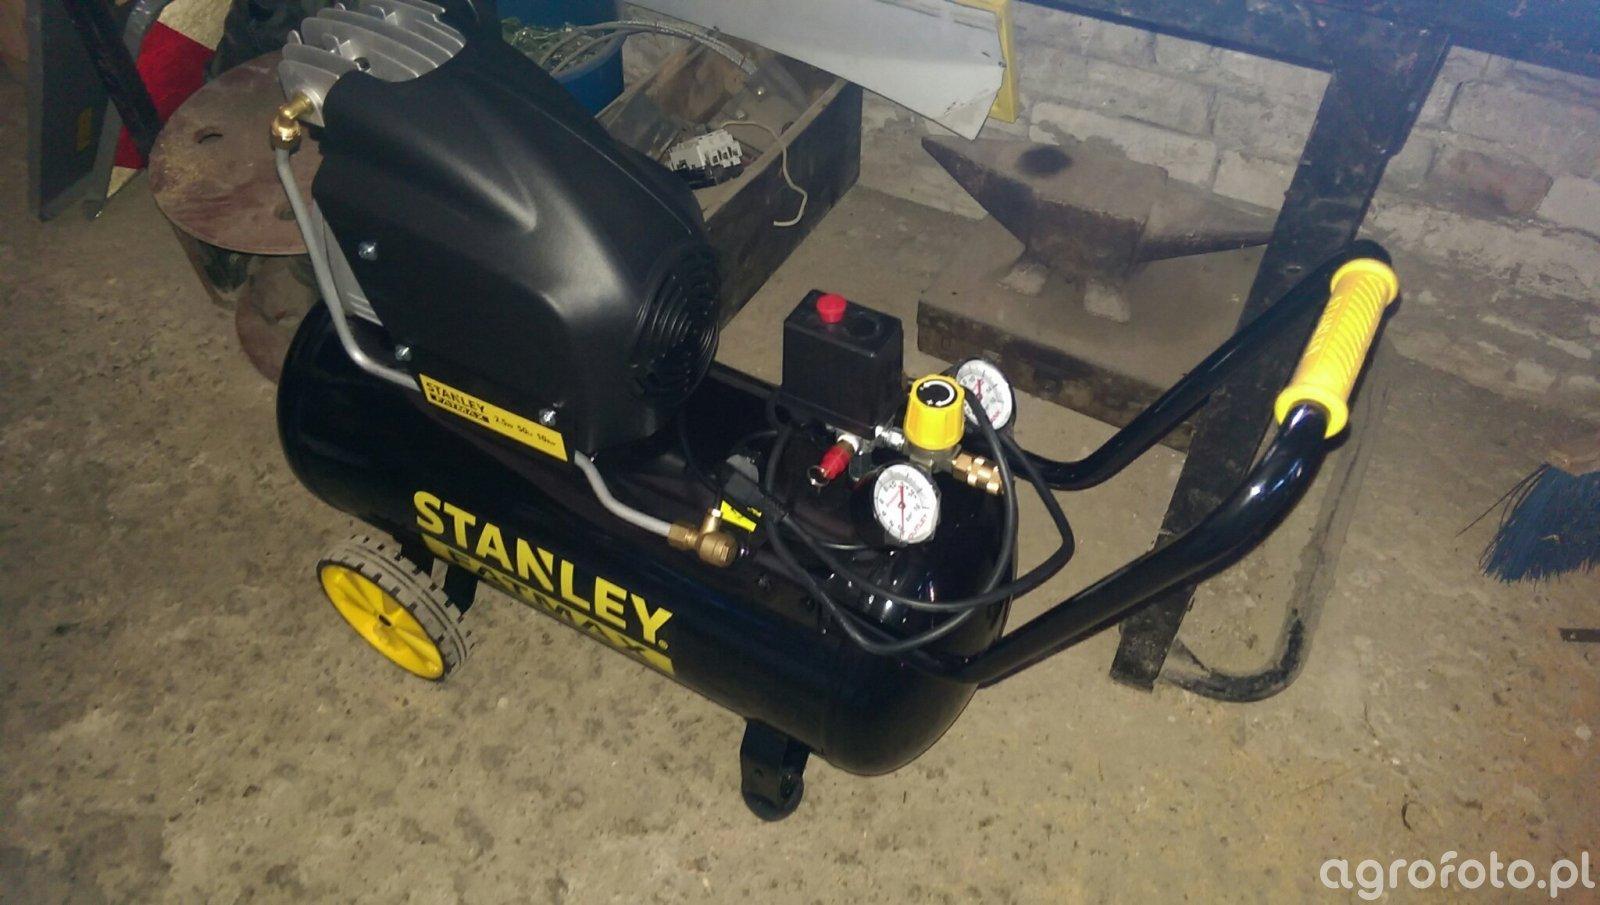 Stanley fatmax 50l 250l/min